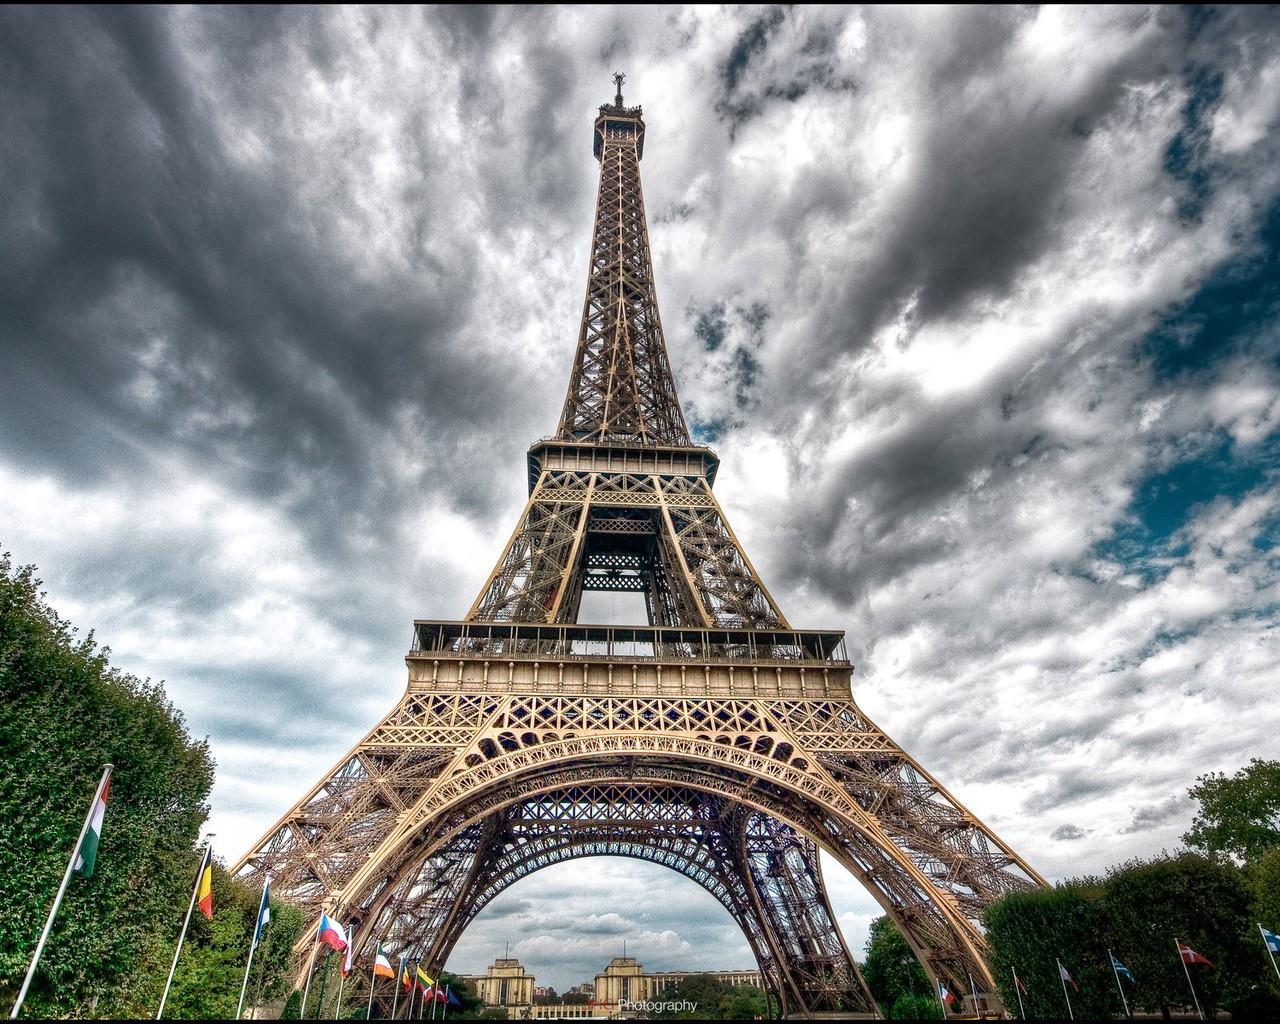 巴黎埃菲尔铁塔-长颈鹿旅游